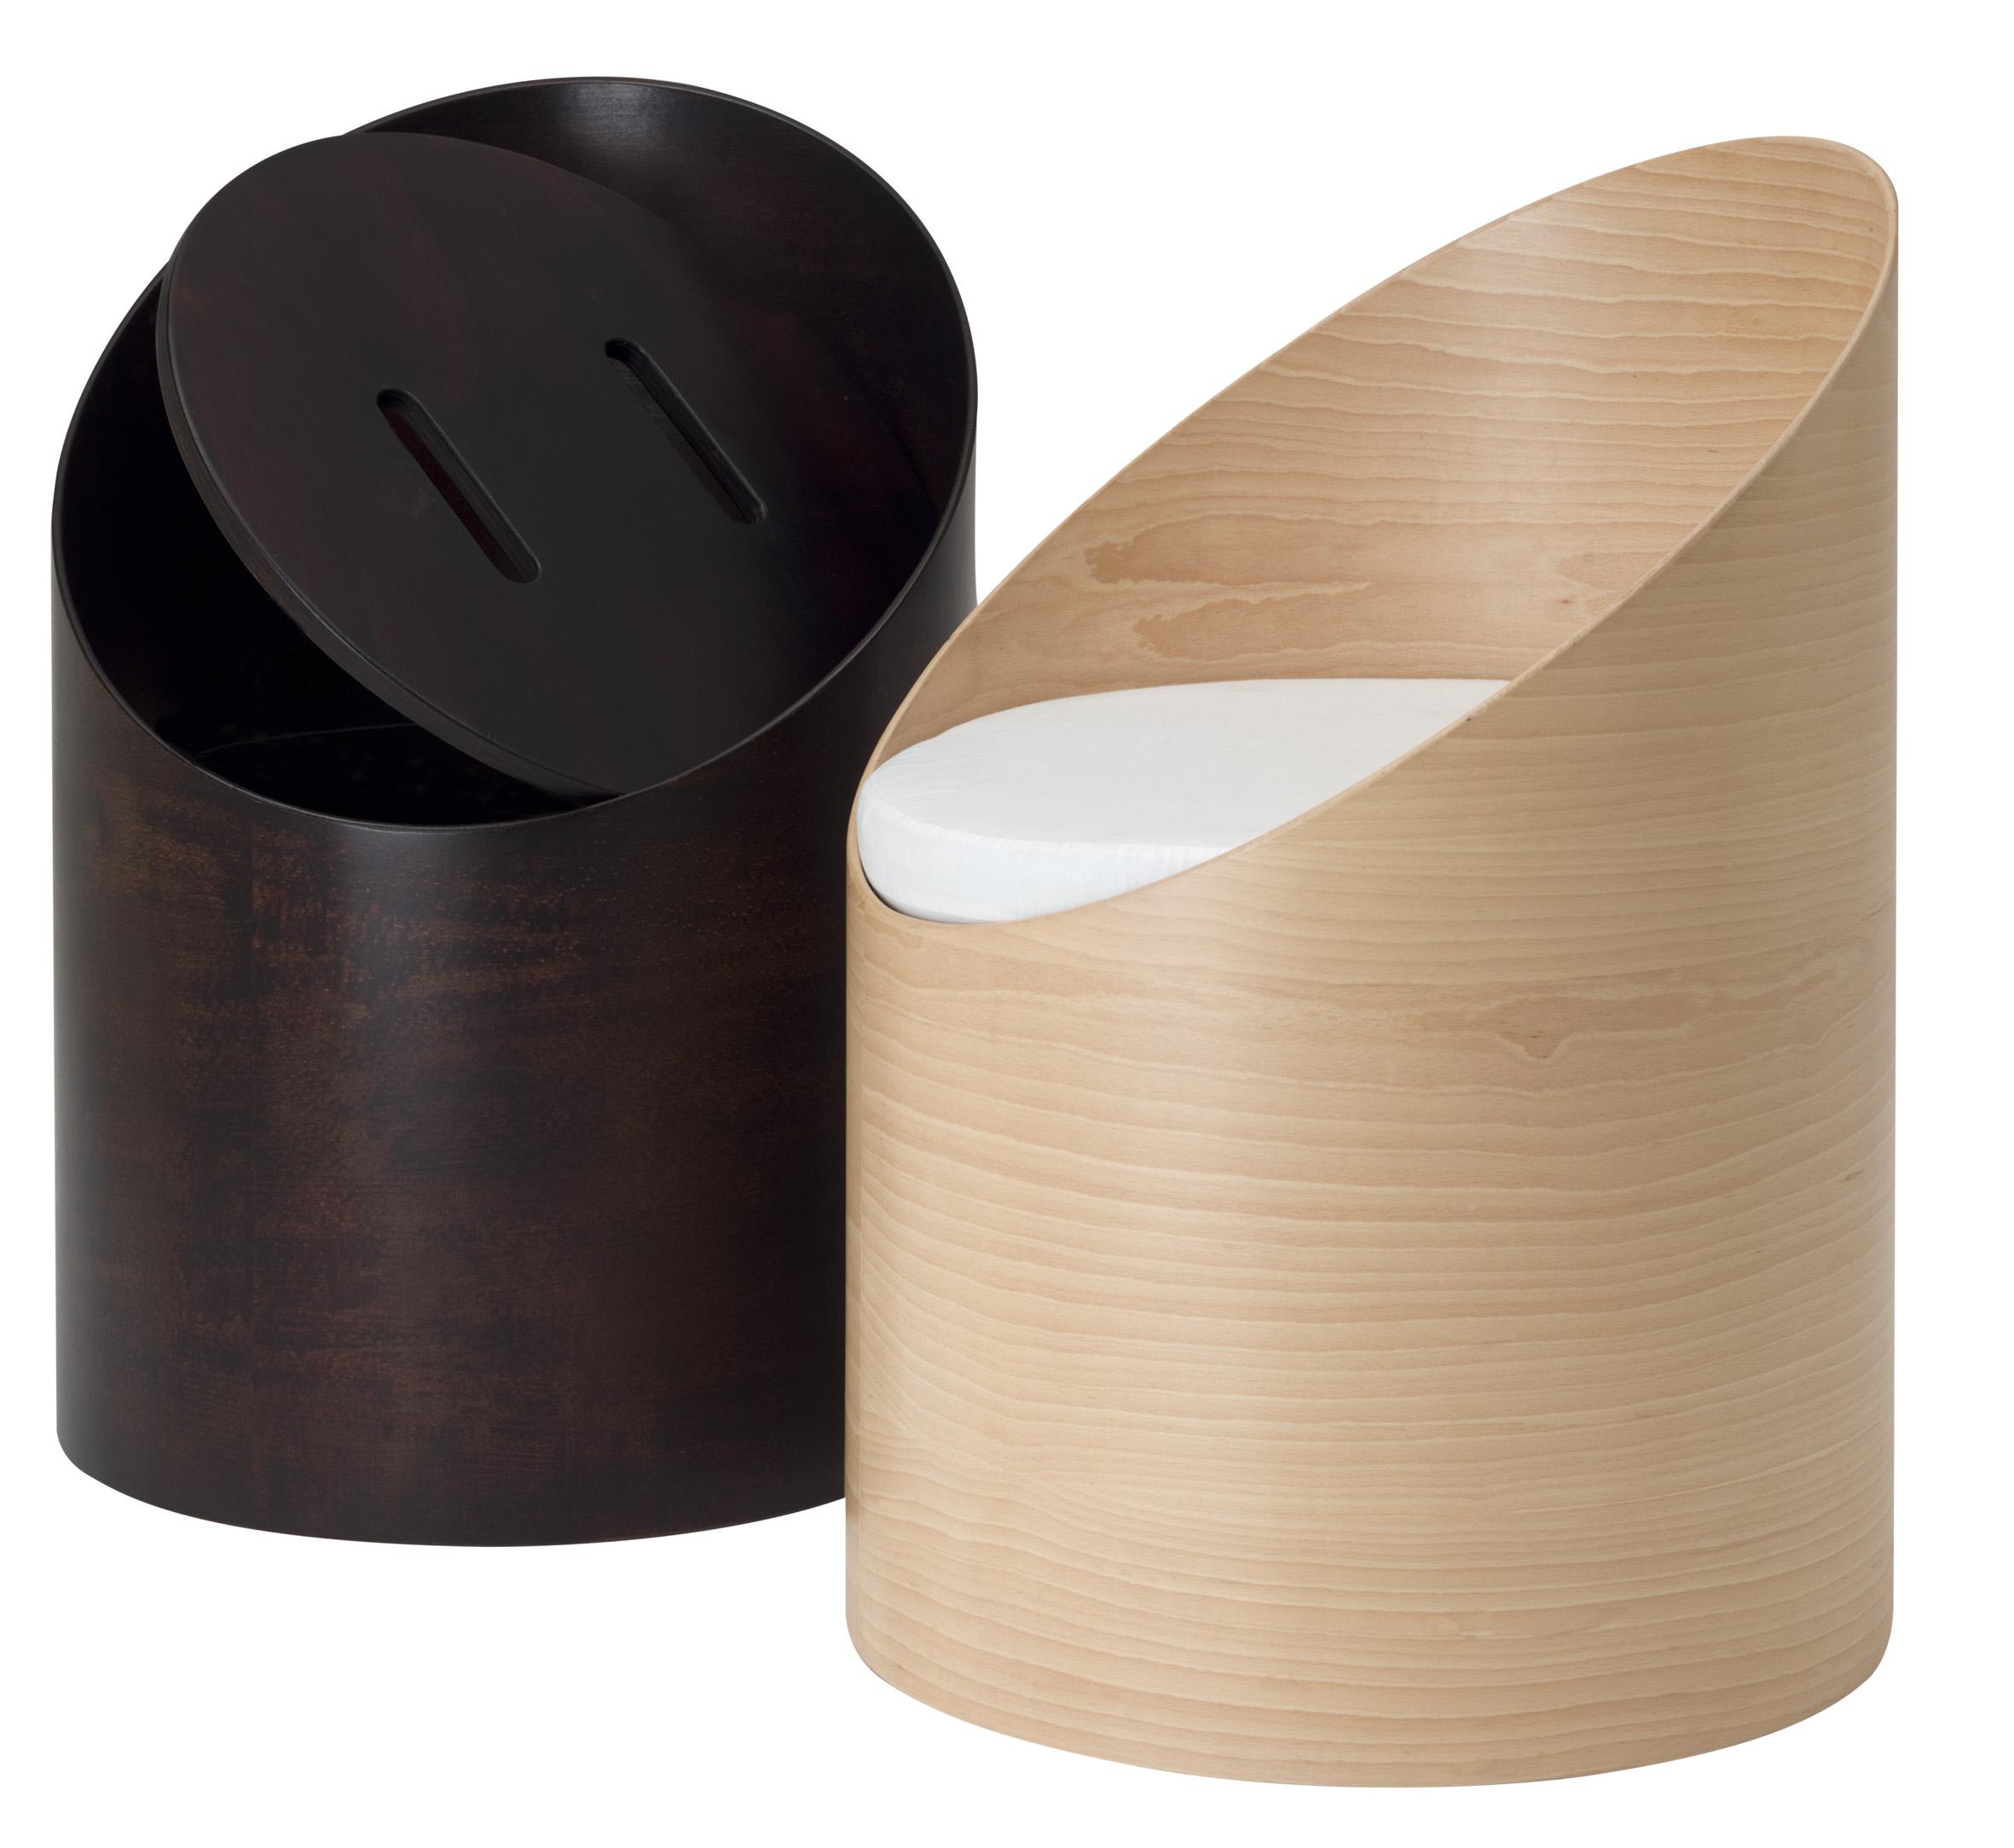 poltrona contenitore in legno rotonda